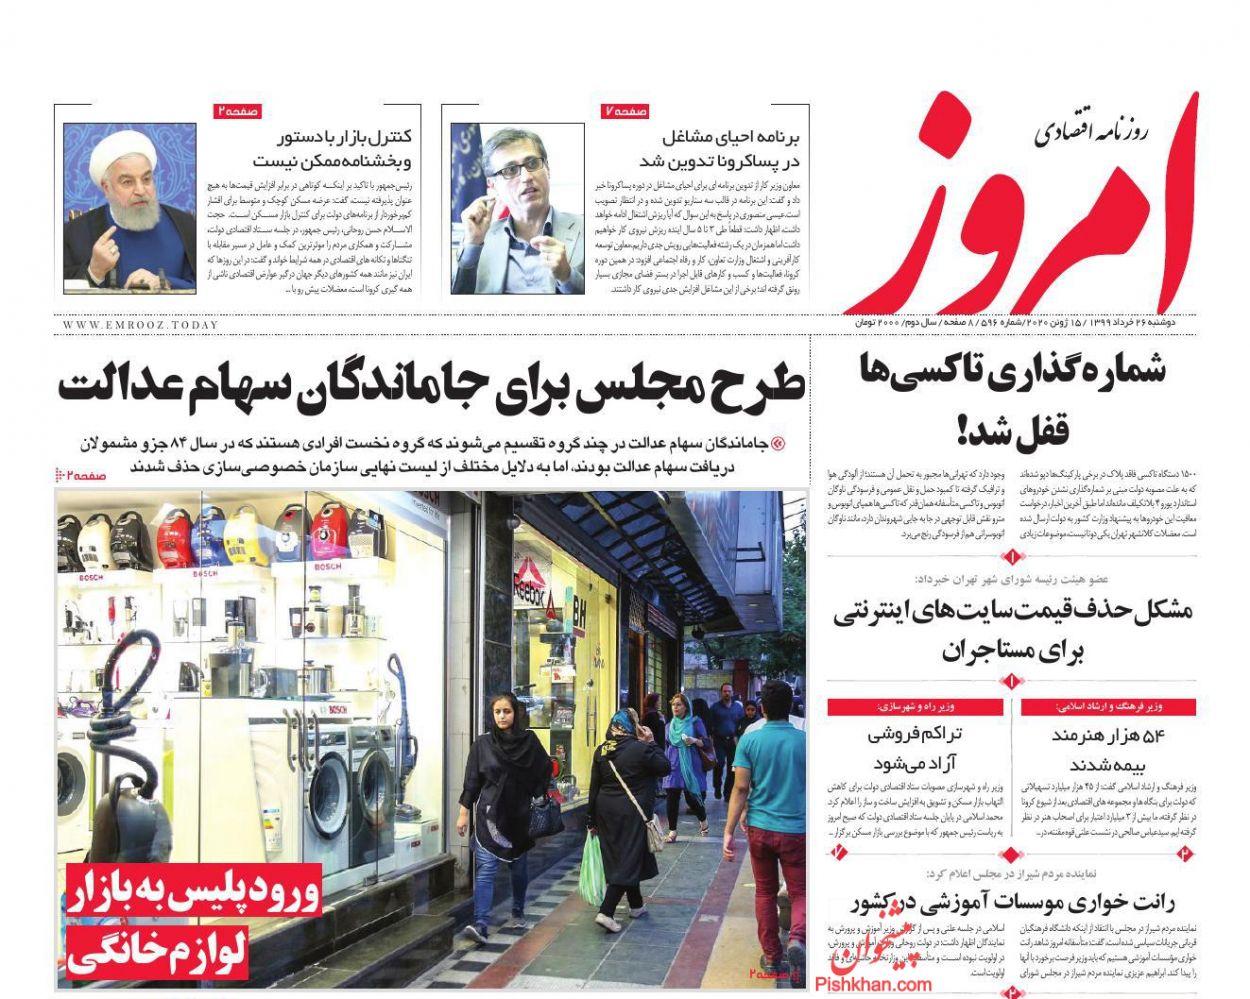 عناوین اخبار روزنامه امروز در روز دوشنبه ۲۶ خرداد